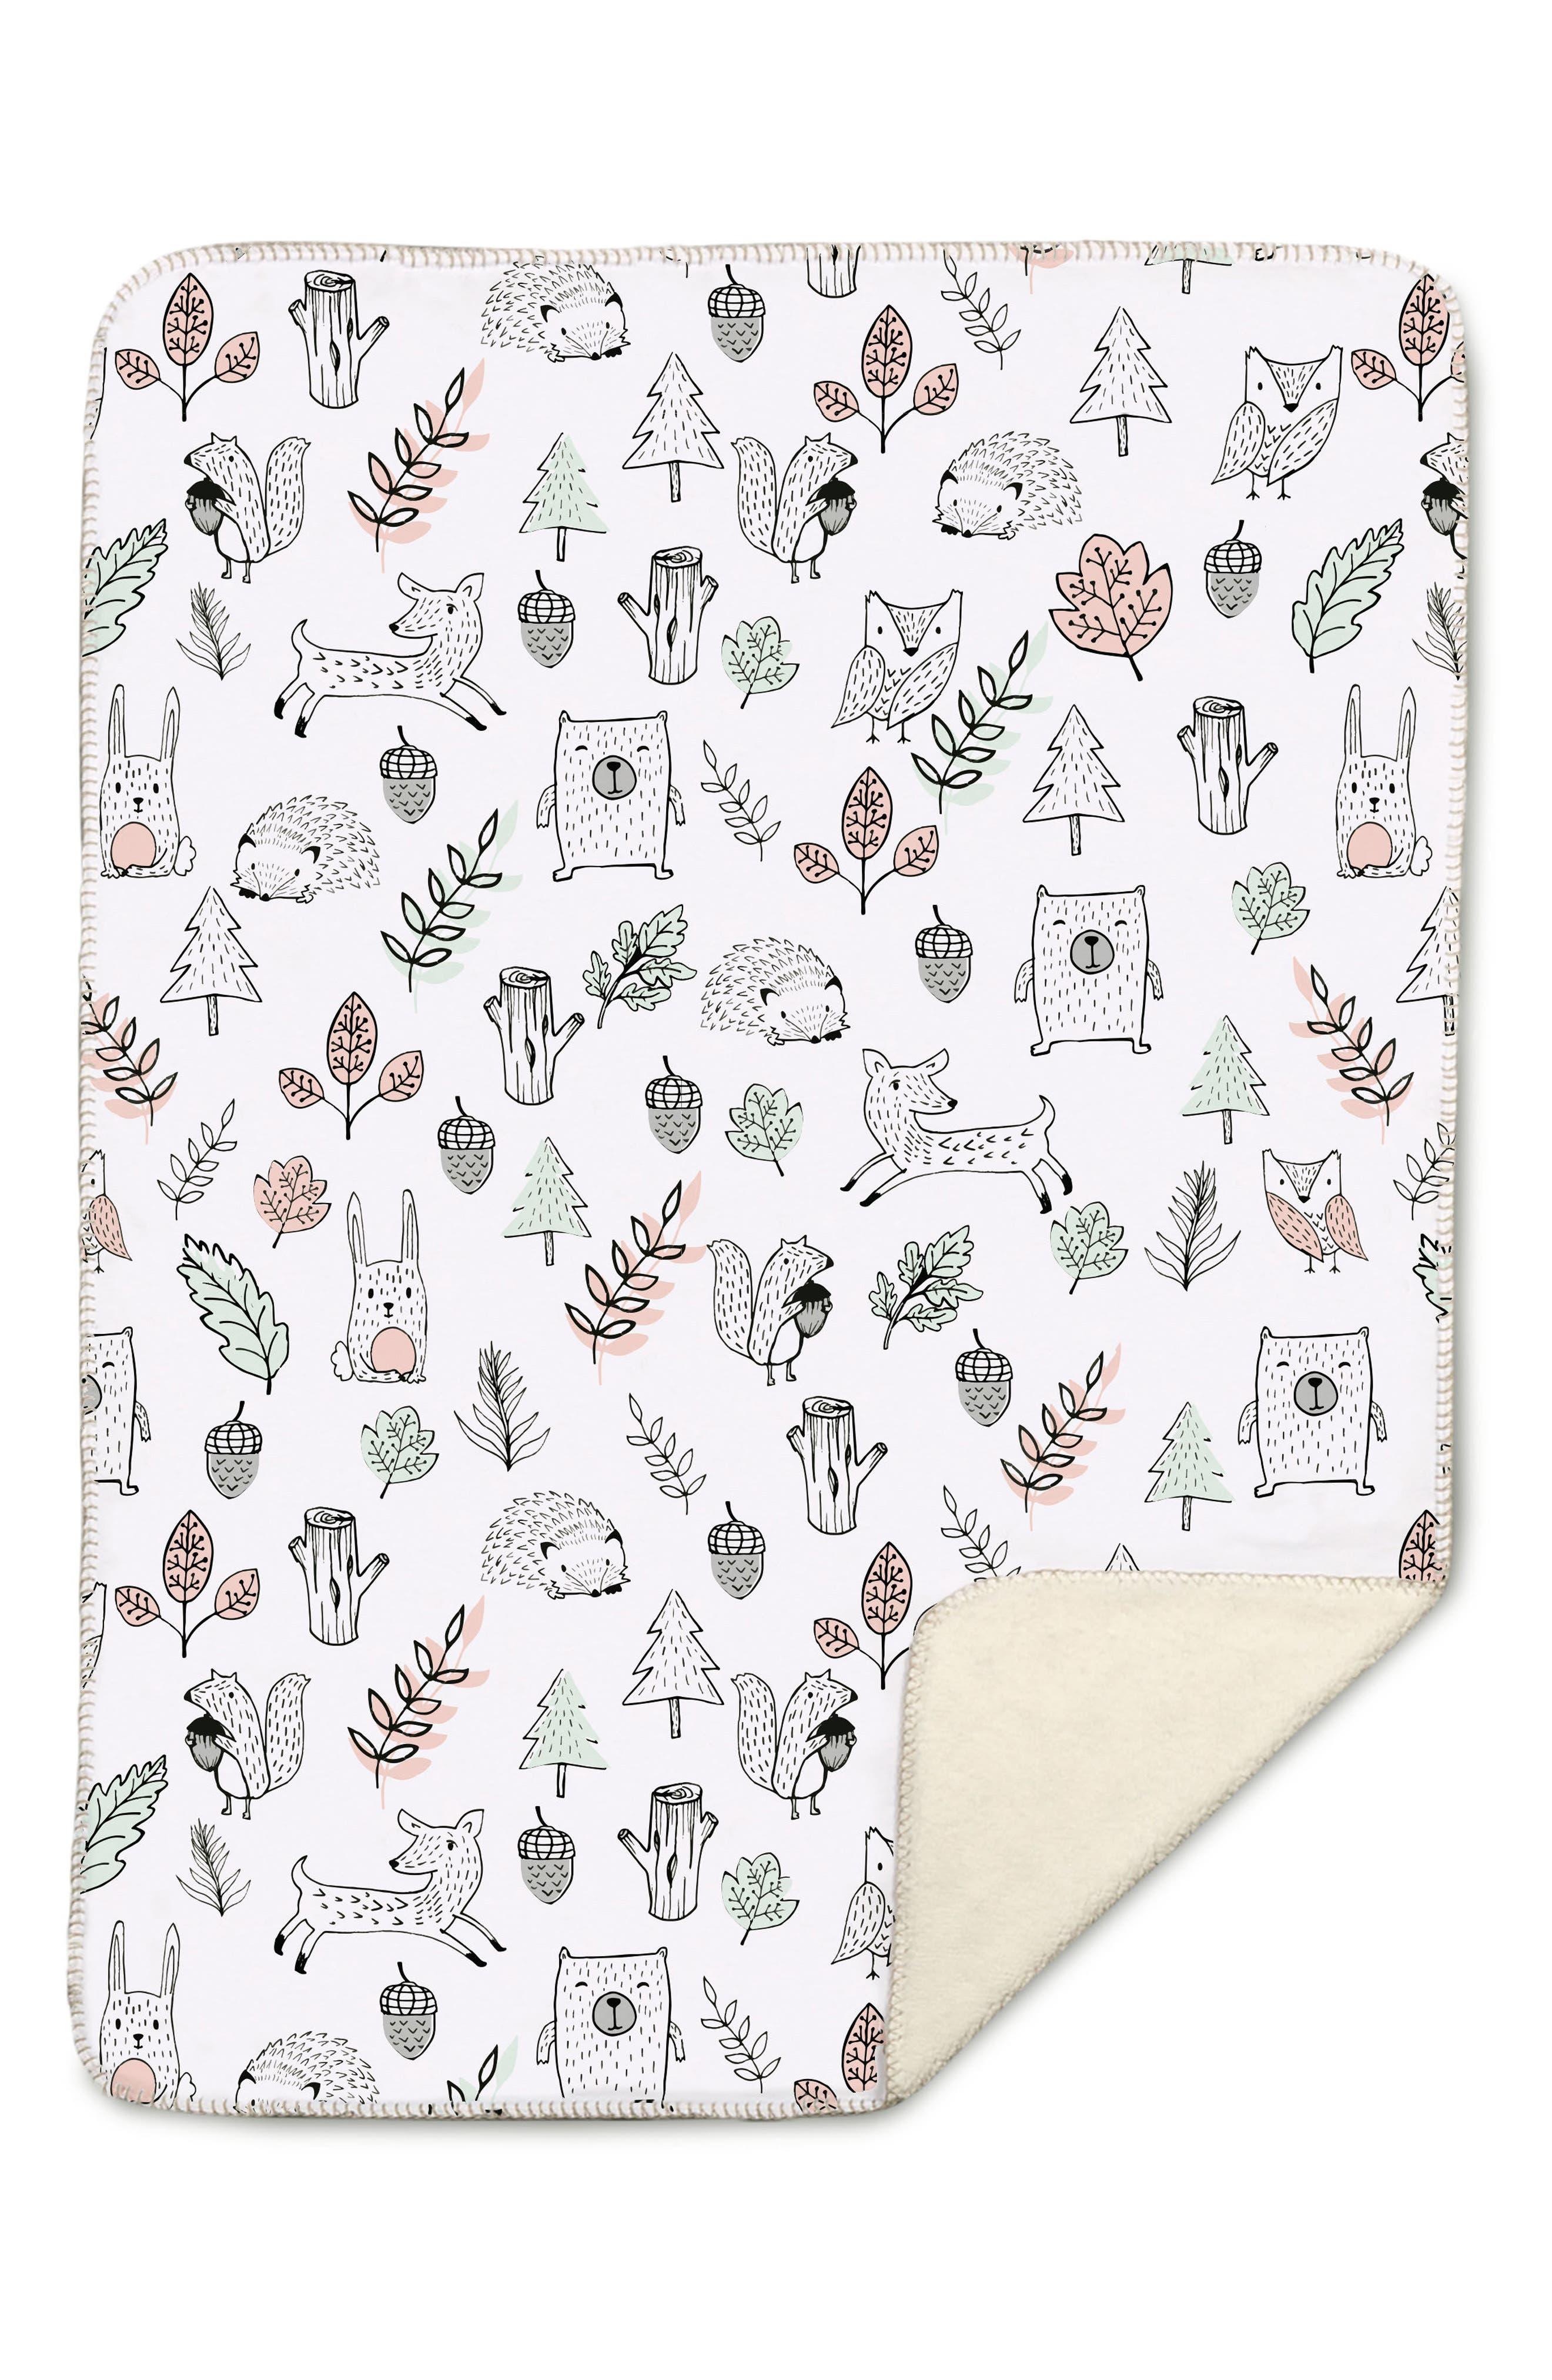 Living Textiles Kayden Woodlands Blanket